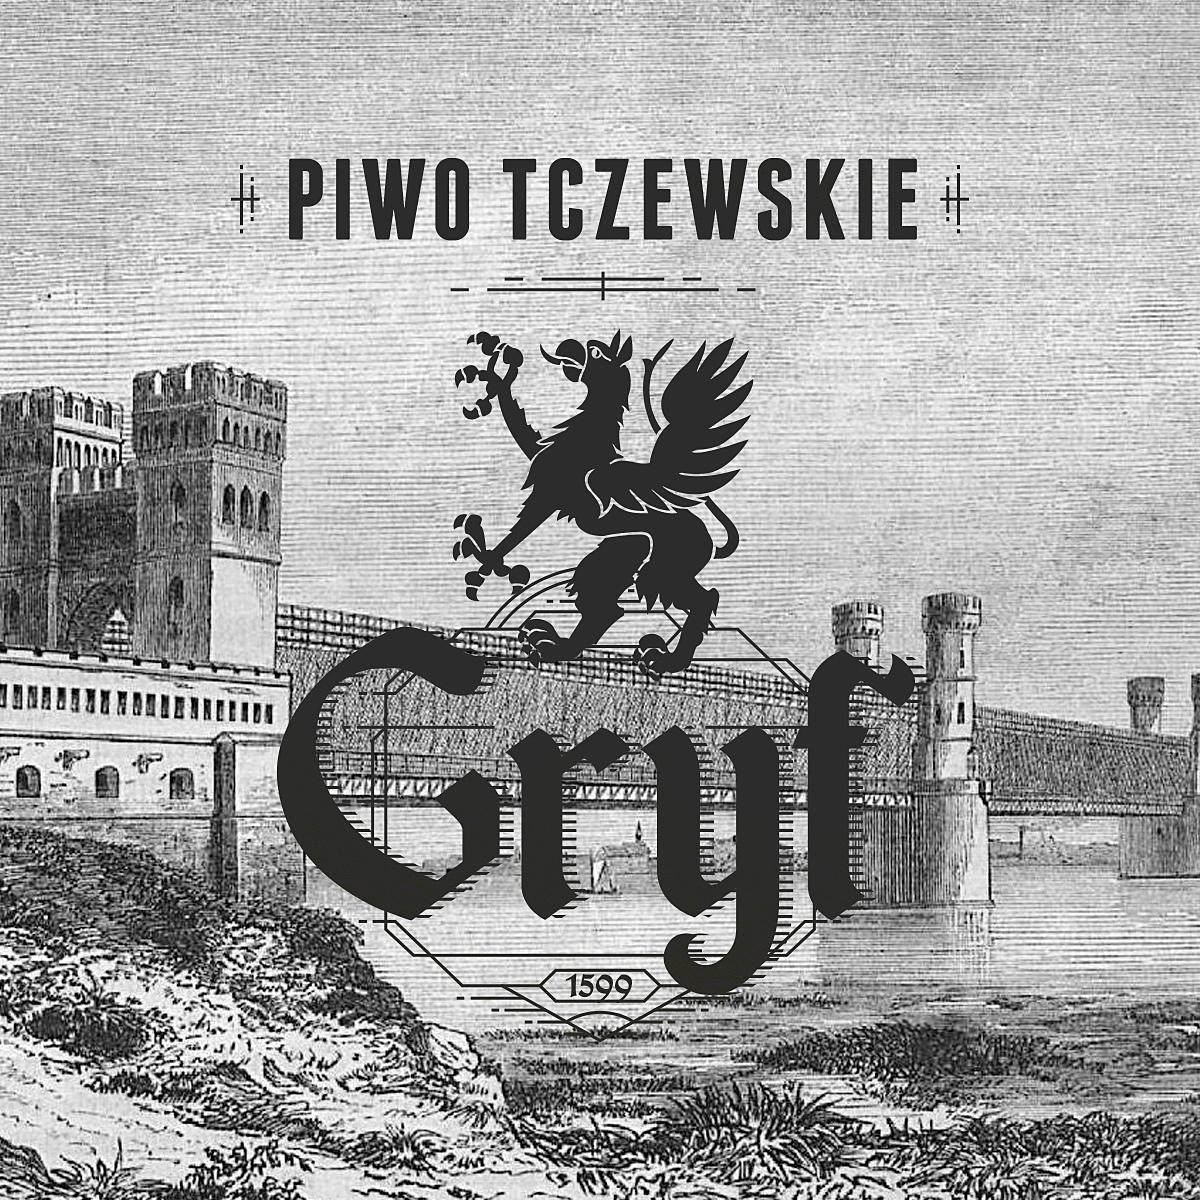 https://ponad.pl/wp-content/uploads/2018/04/piwo_tczewskie-2.jpg